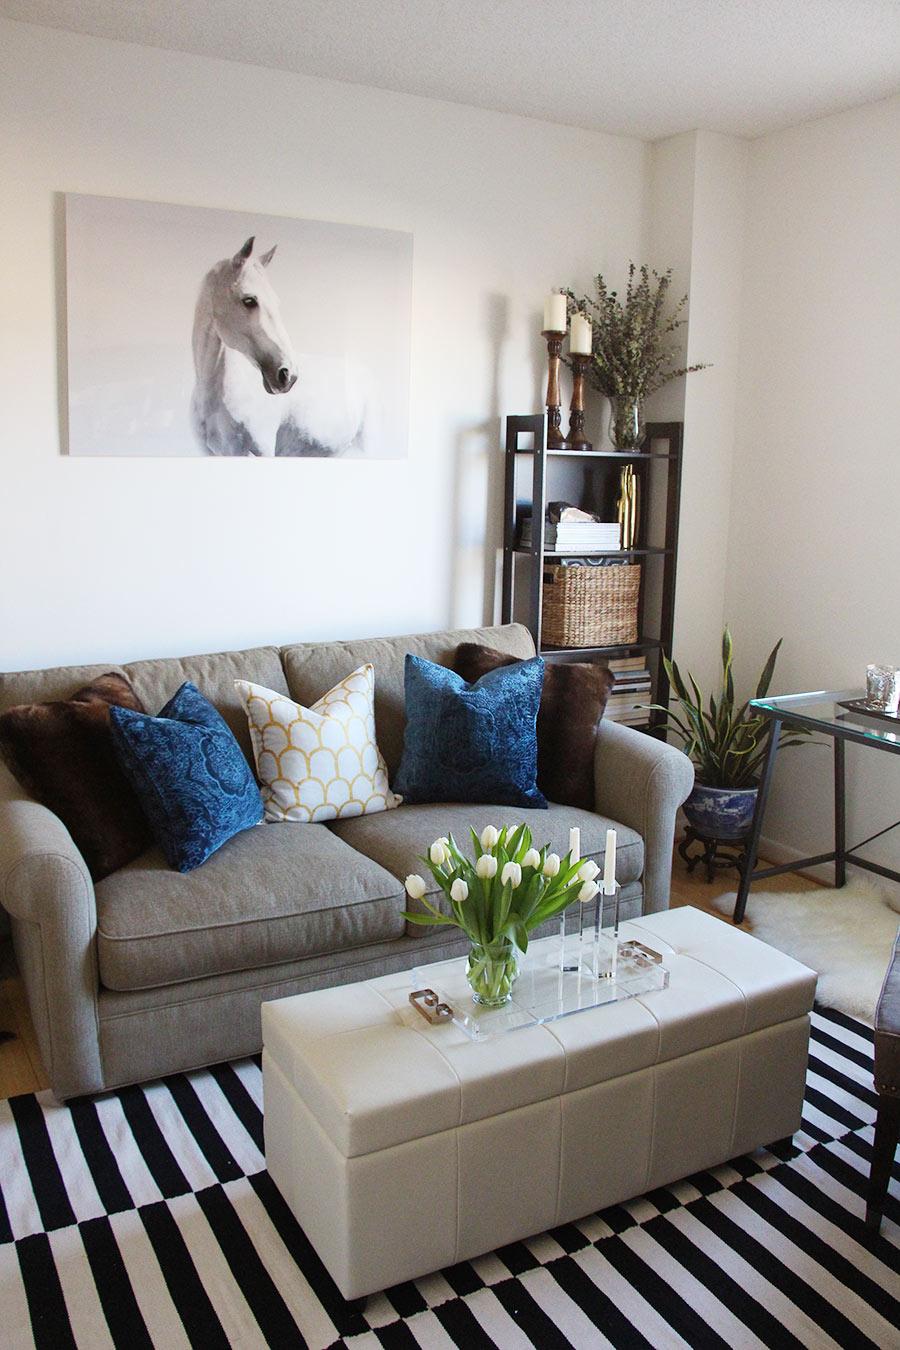 interior design guest room studio splendor styling. Black Bedroom Furniture Sets. Home Design Ideas